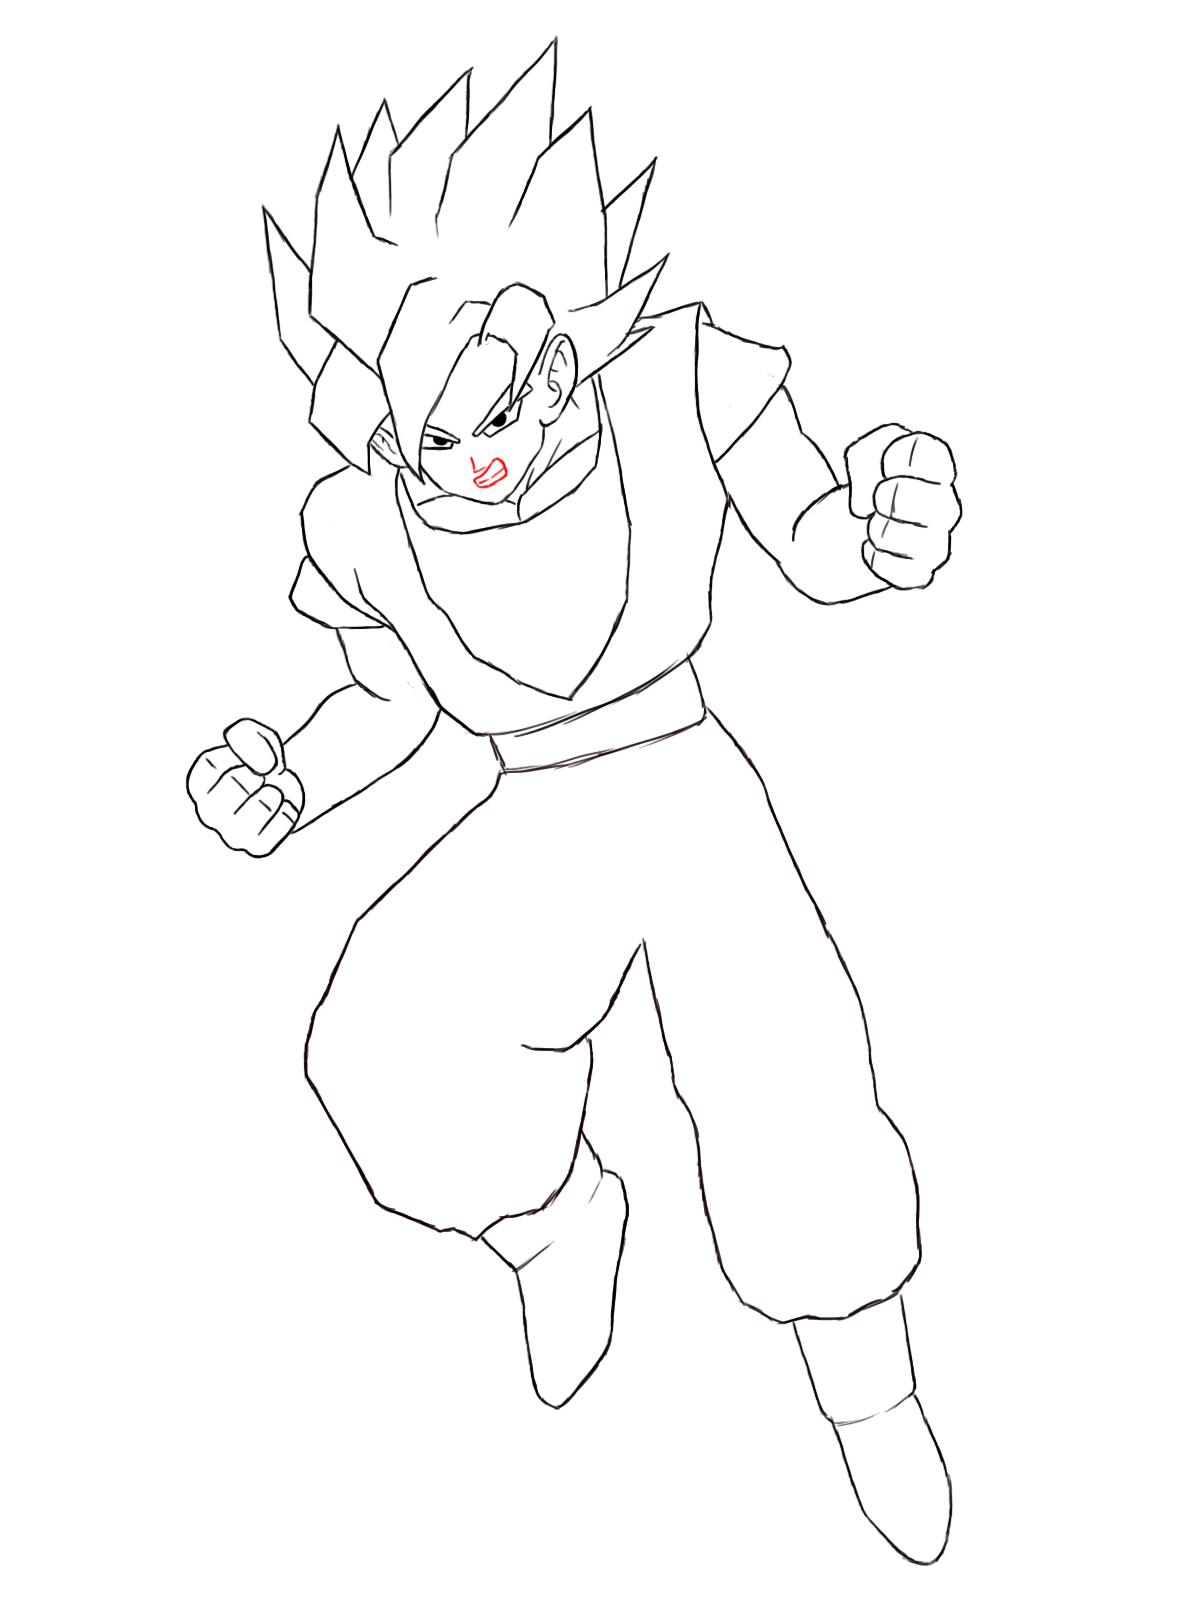 How to draw goku draw central